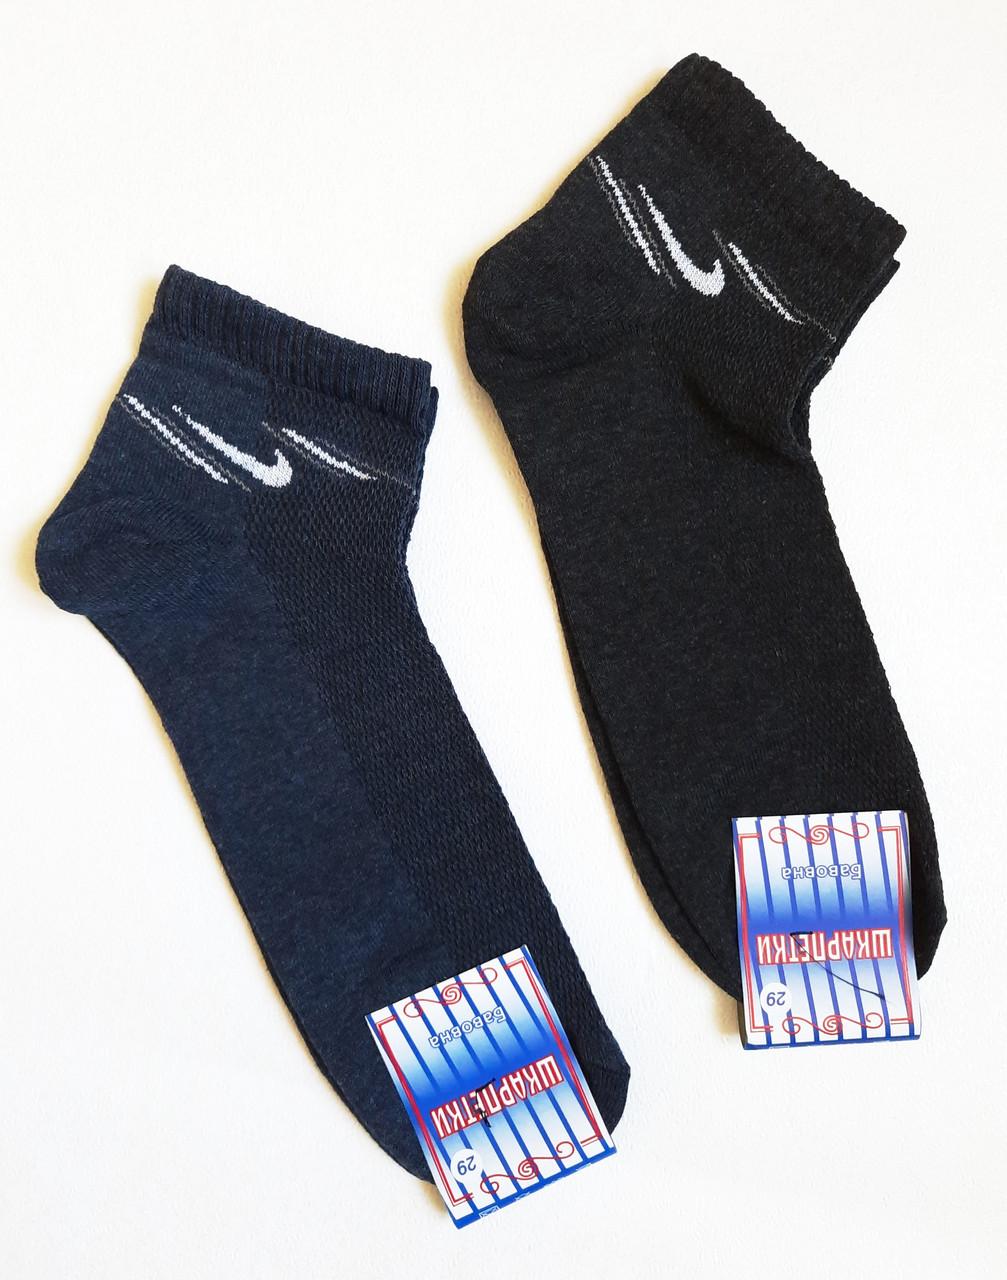 Носки мужские вставка сеточка р.29 синие серые  хлопок стрейч Украина. От 10 пар по 6,50грн